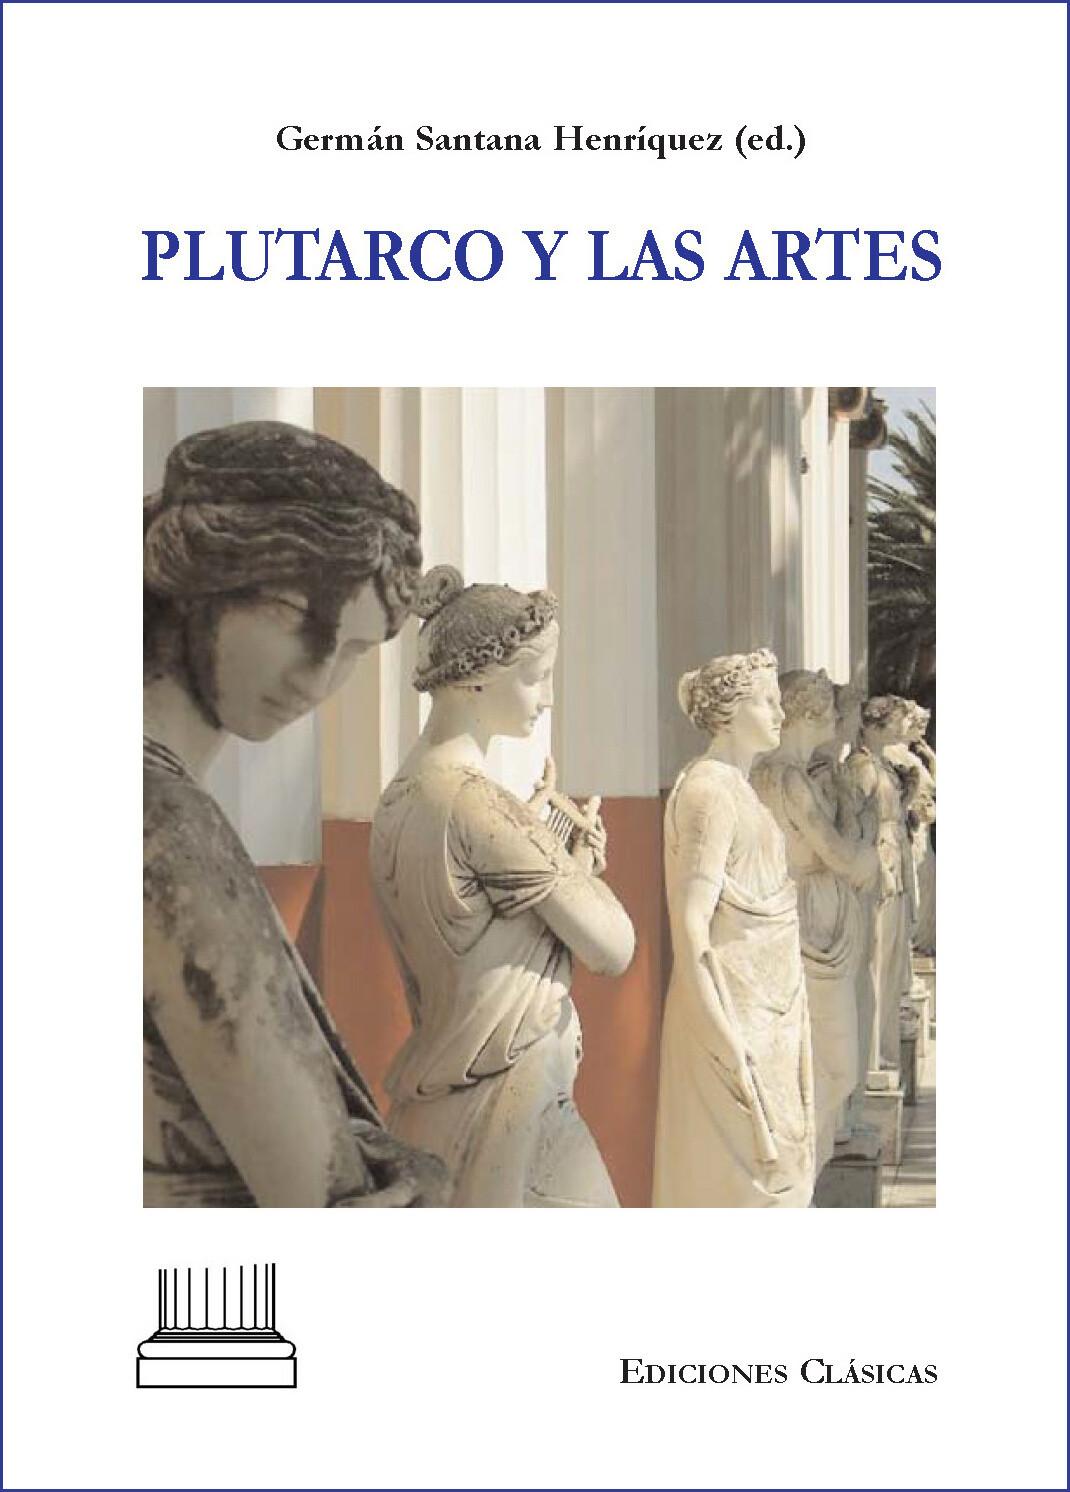 PLUTARCO Y LAS ARTES